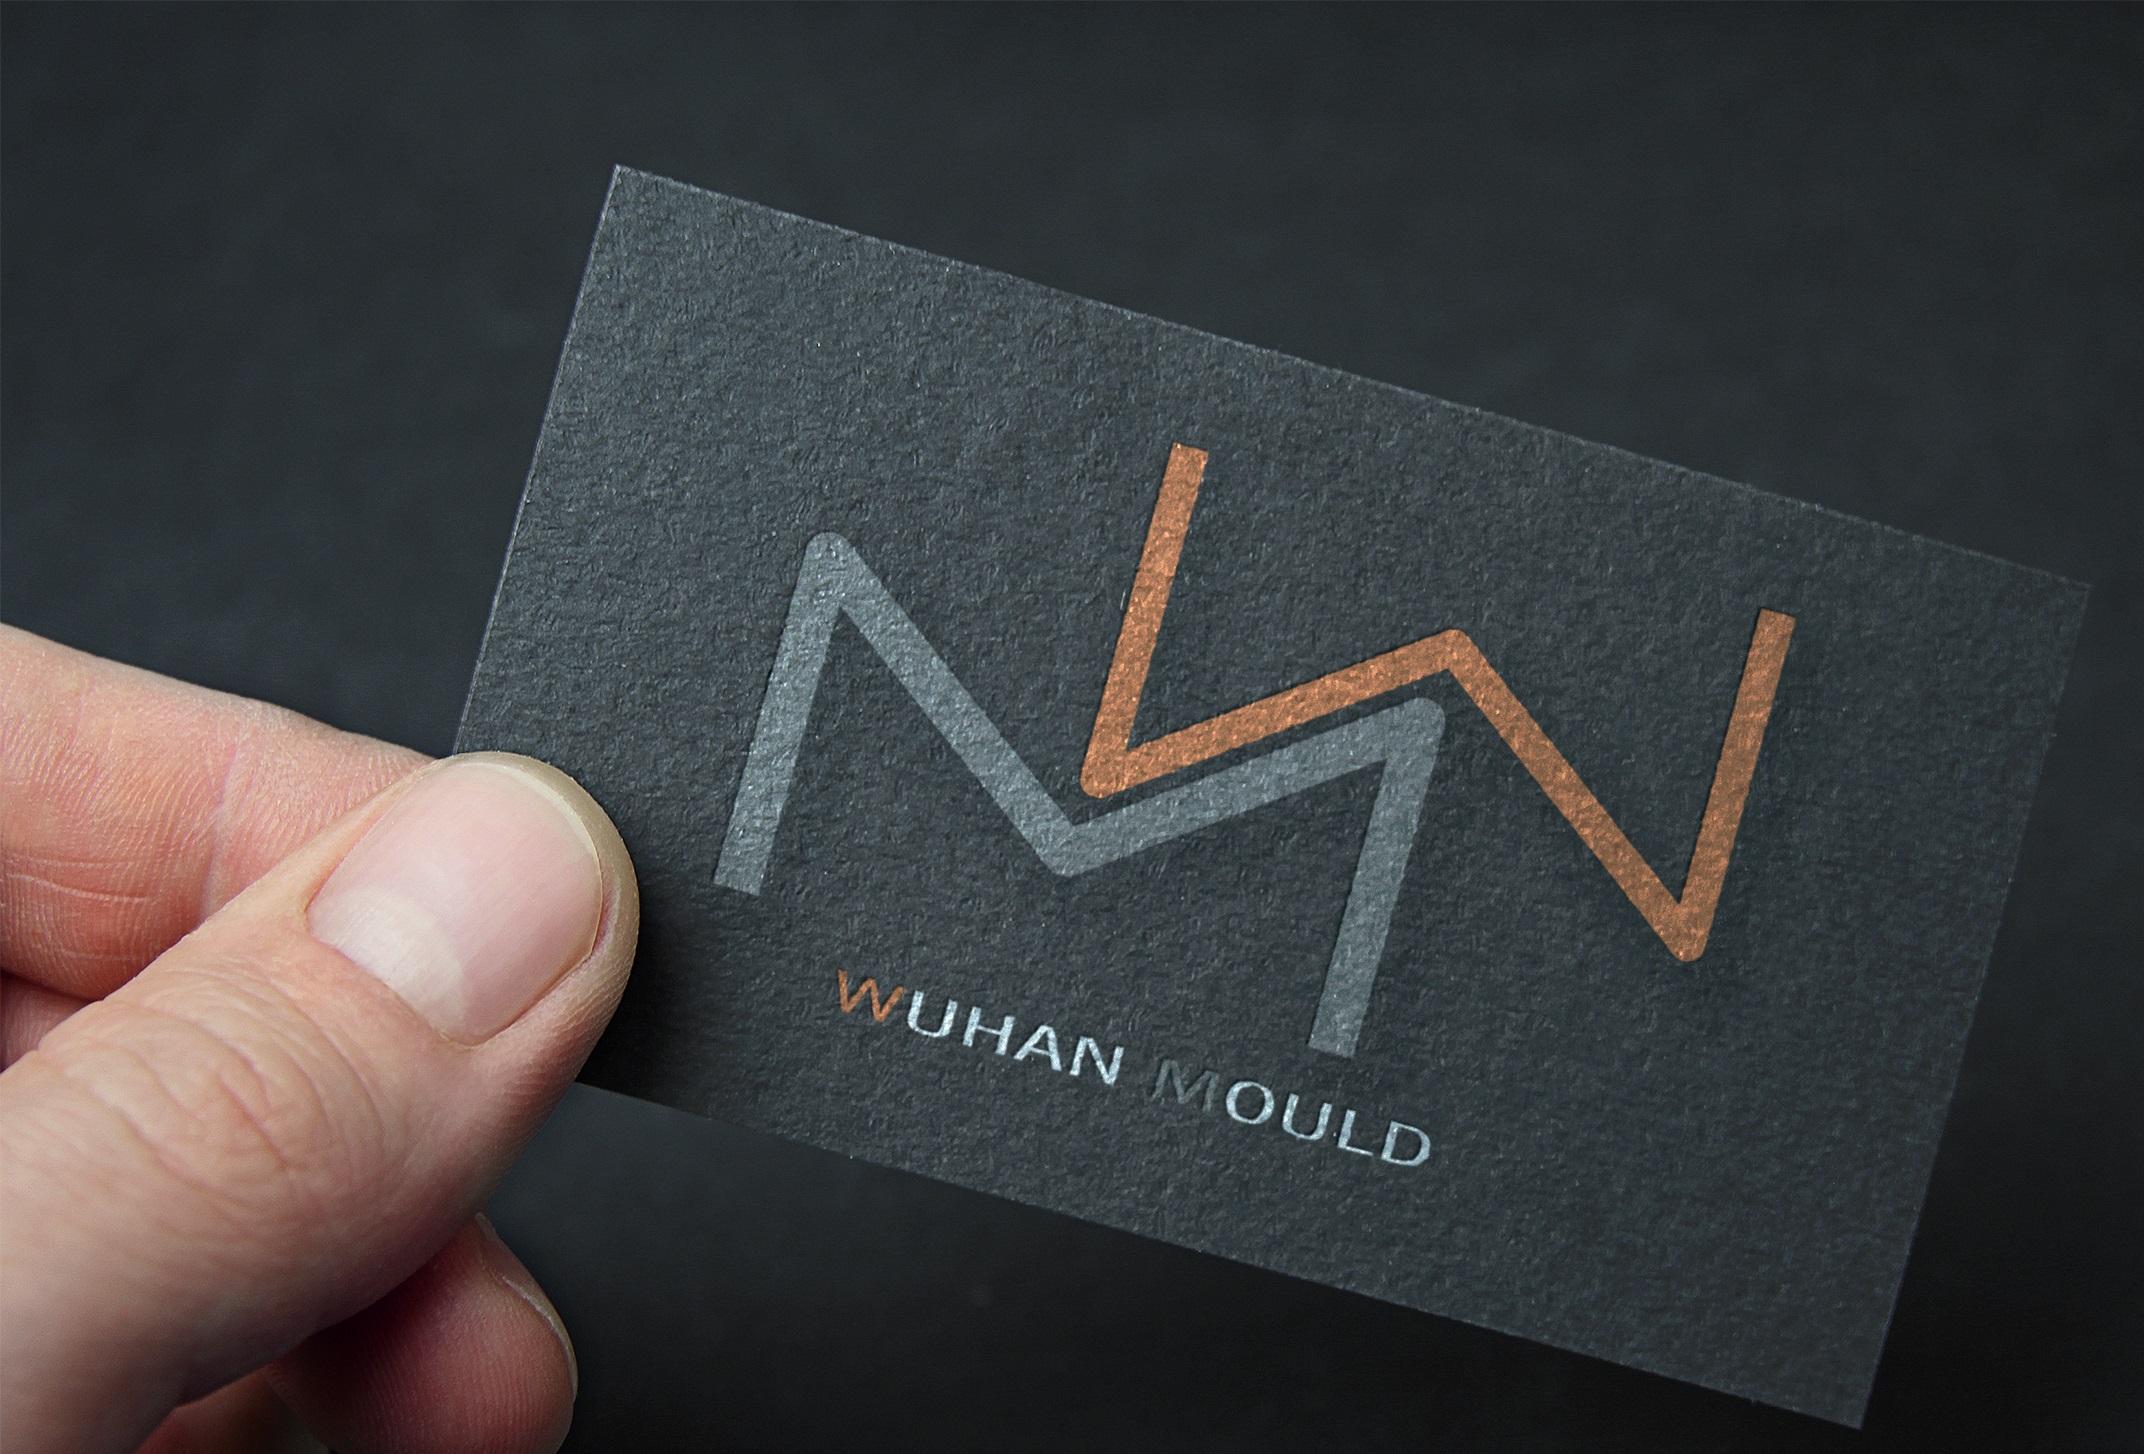 Создать логотип для фабрики пресс-форм фото f_280598a1c7b2e481.jpg